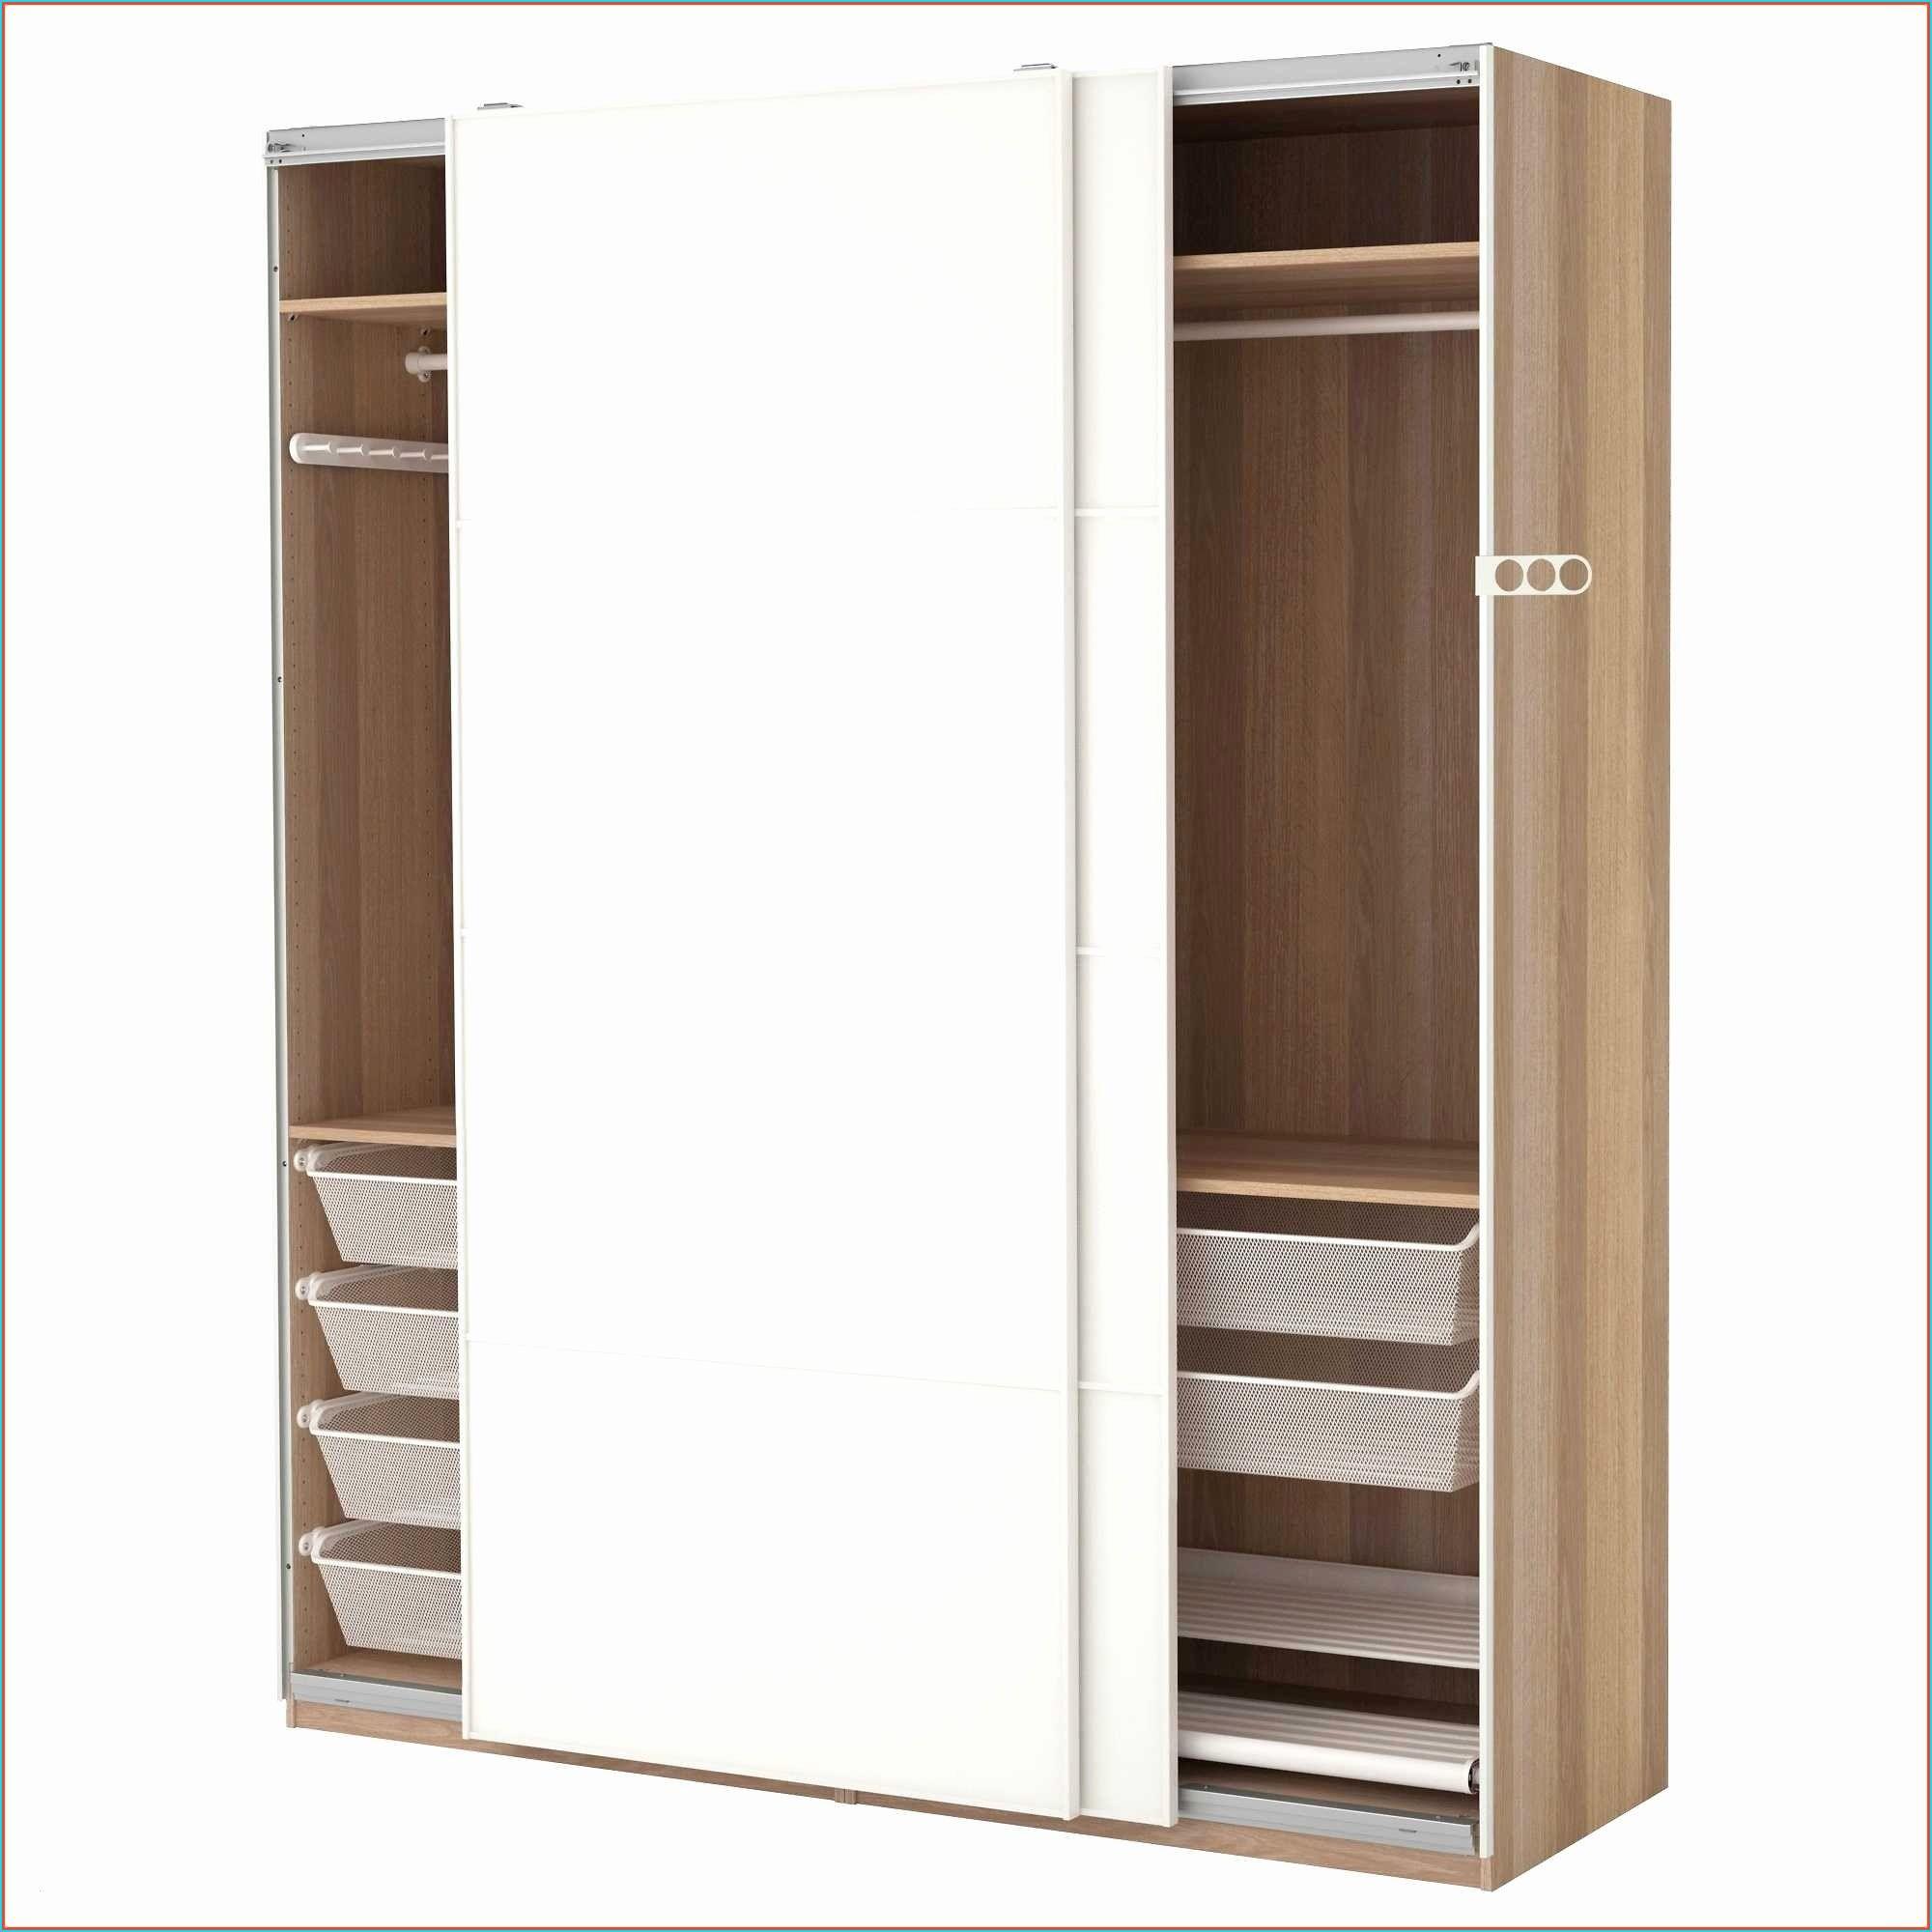 Kleiderschrank 40 Cm Tief Ikea Kinderkleiderschrank40cmtief